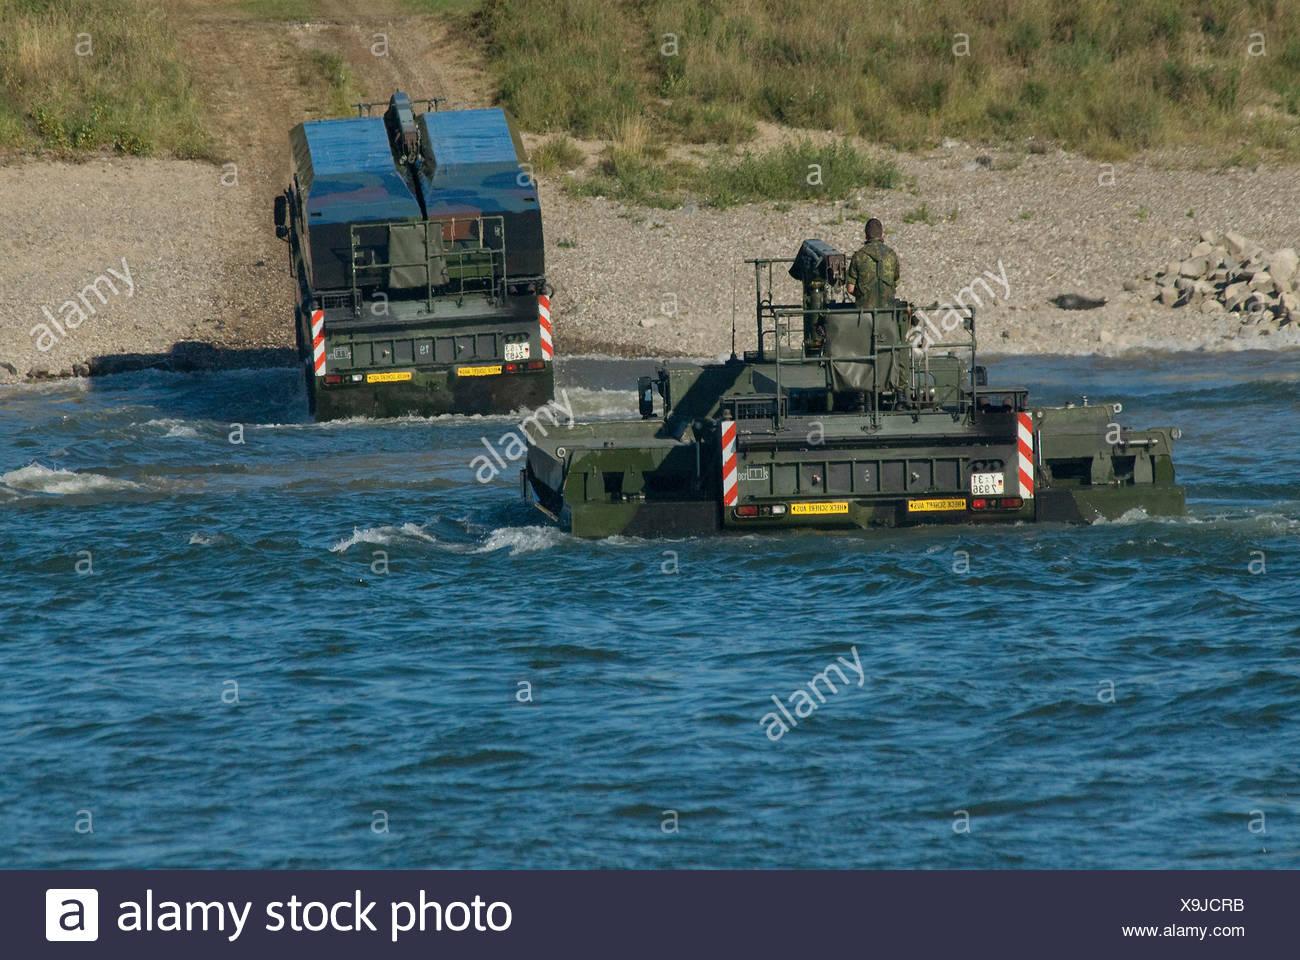 Dos M3 vehículos anfibios de la Bundeswehr, el ejército federal, surgiendo del Rin, uno con las aletas plegadas Imagen De Stock